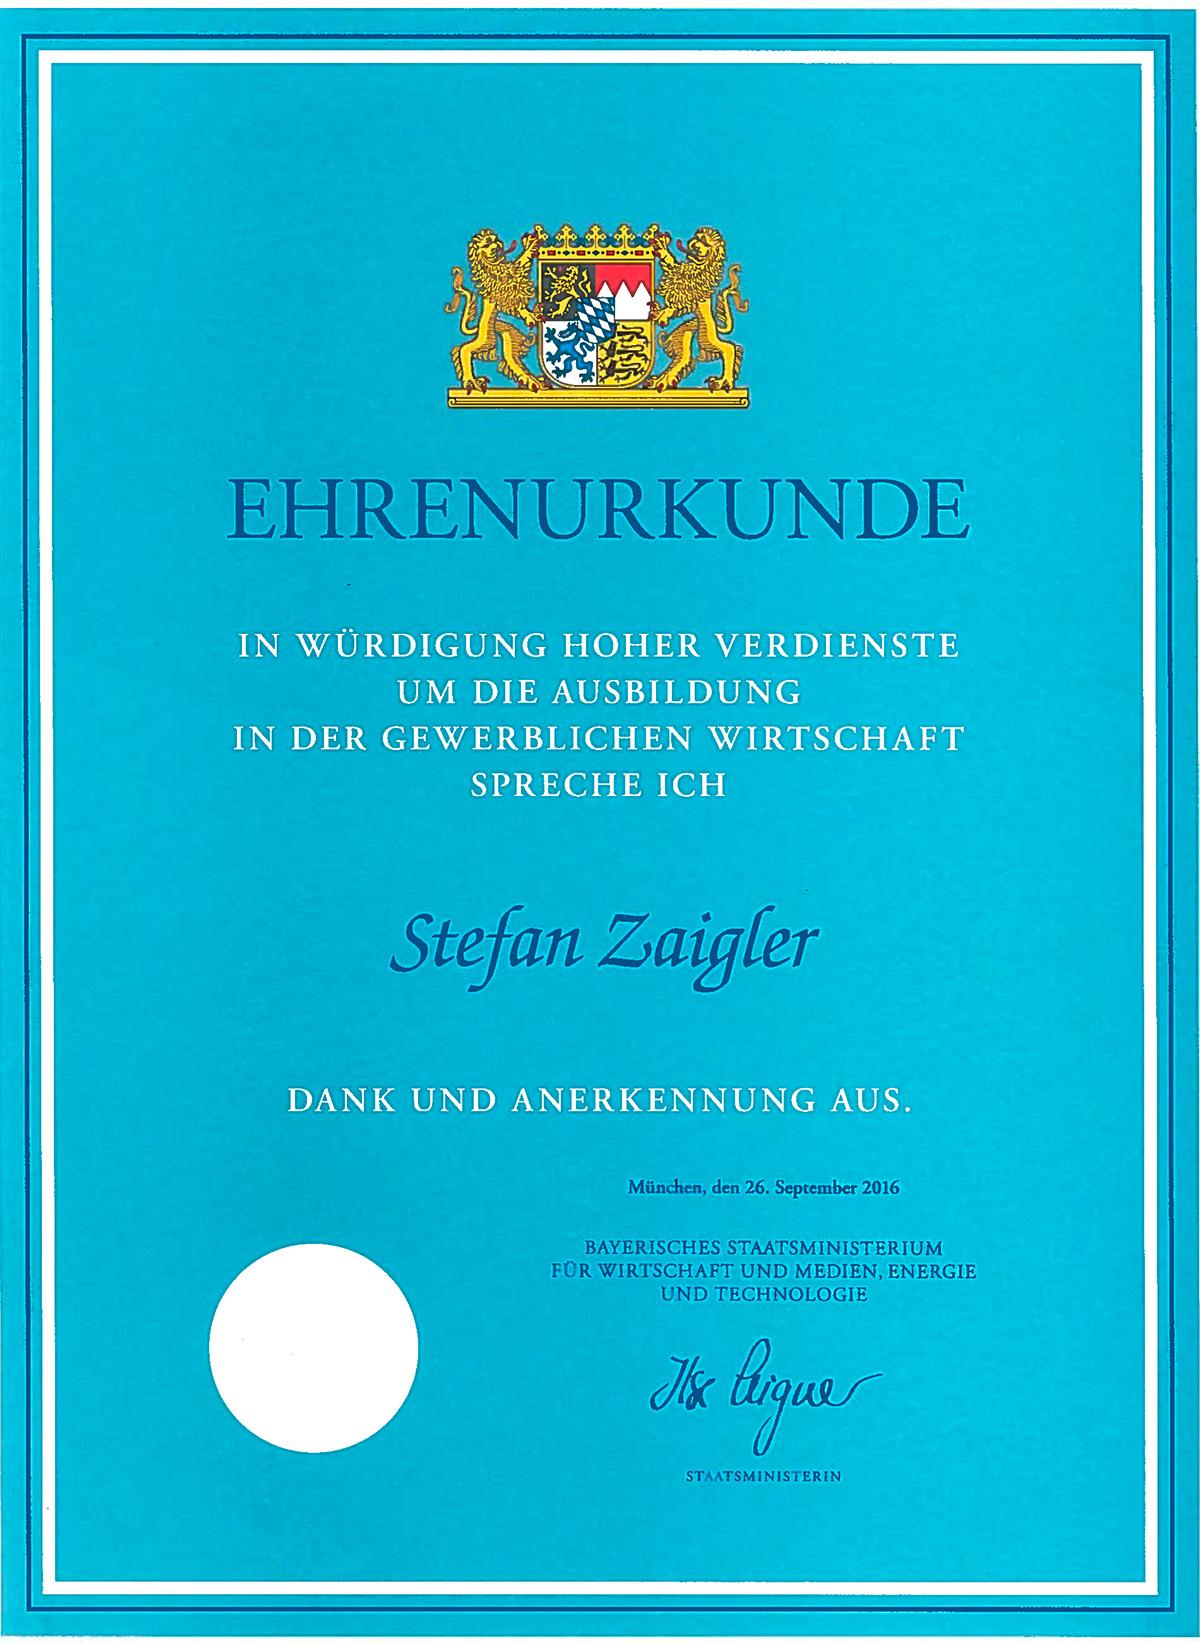 zaigler-ehrenurkunde